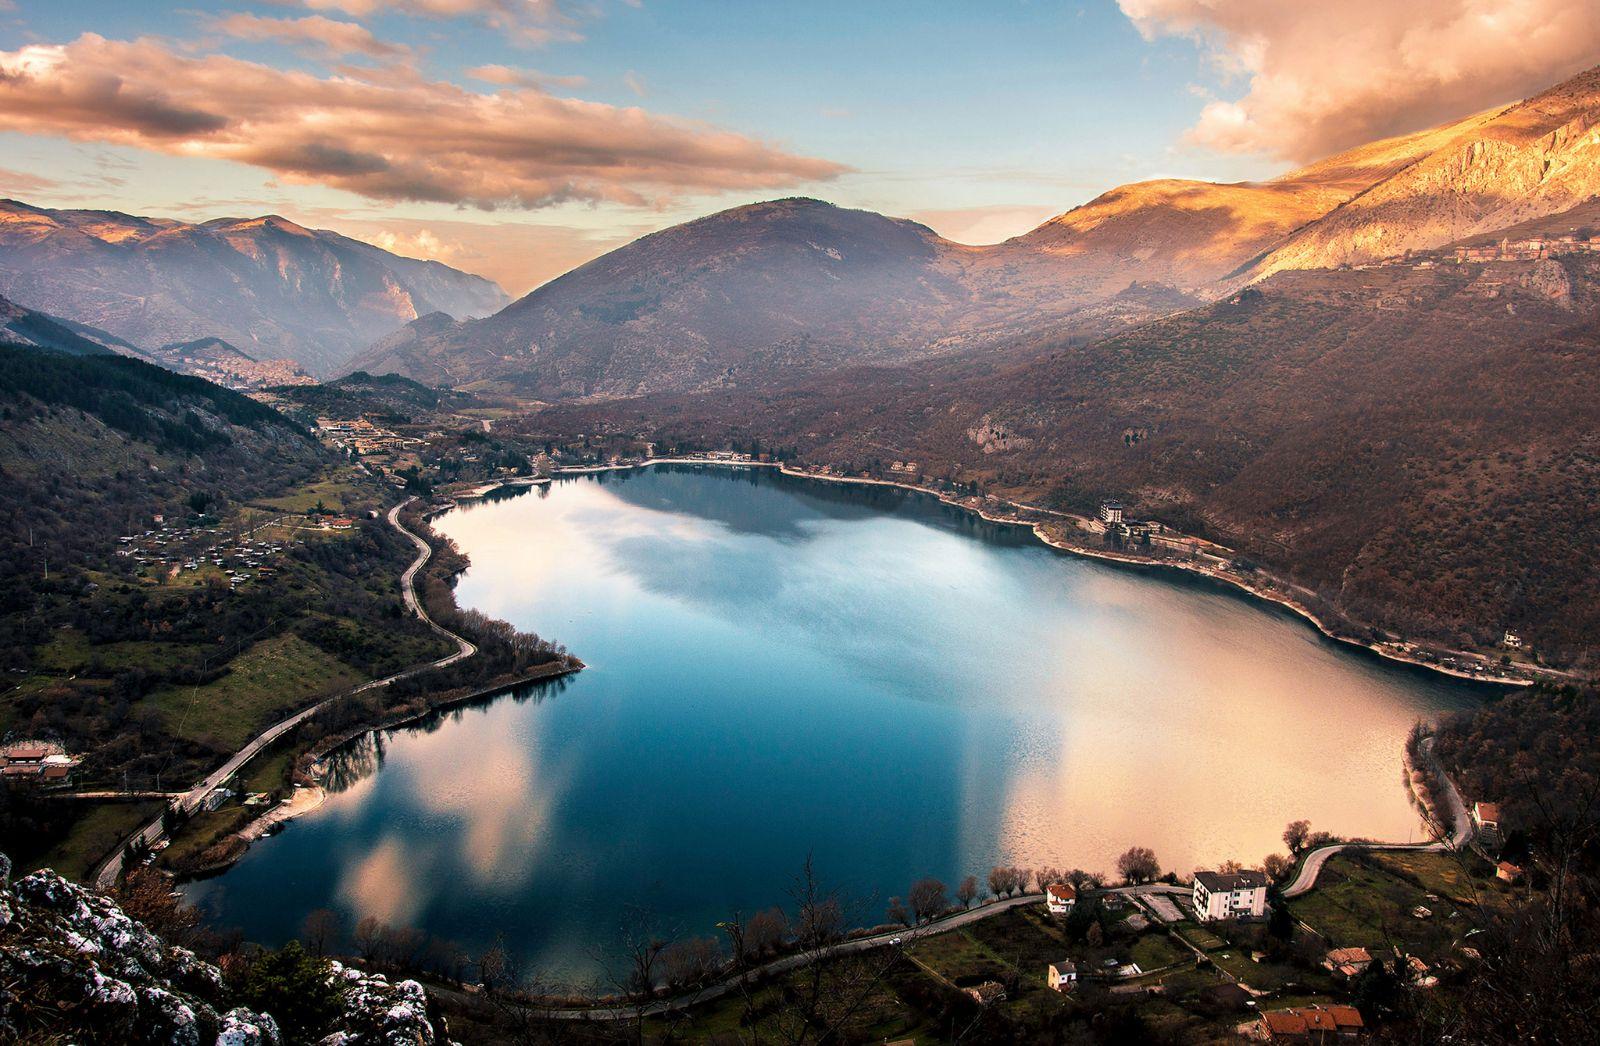 anief abruzzo contatti sky - photo#5